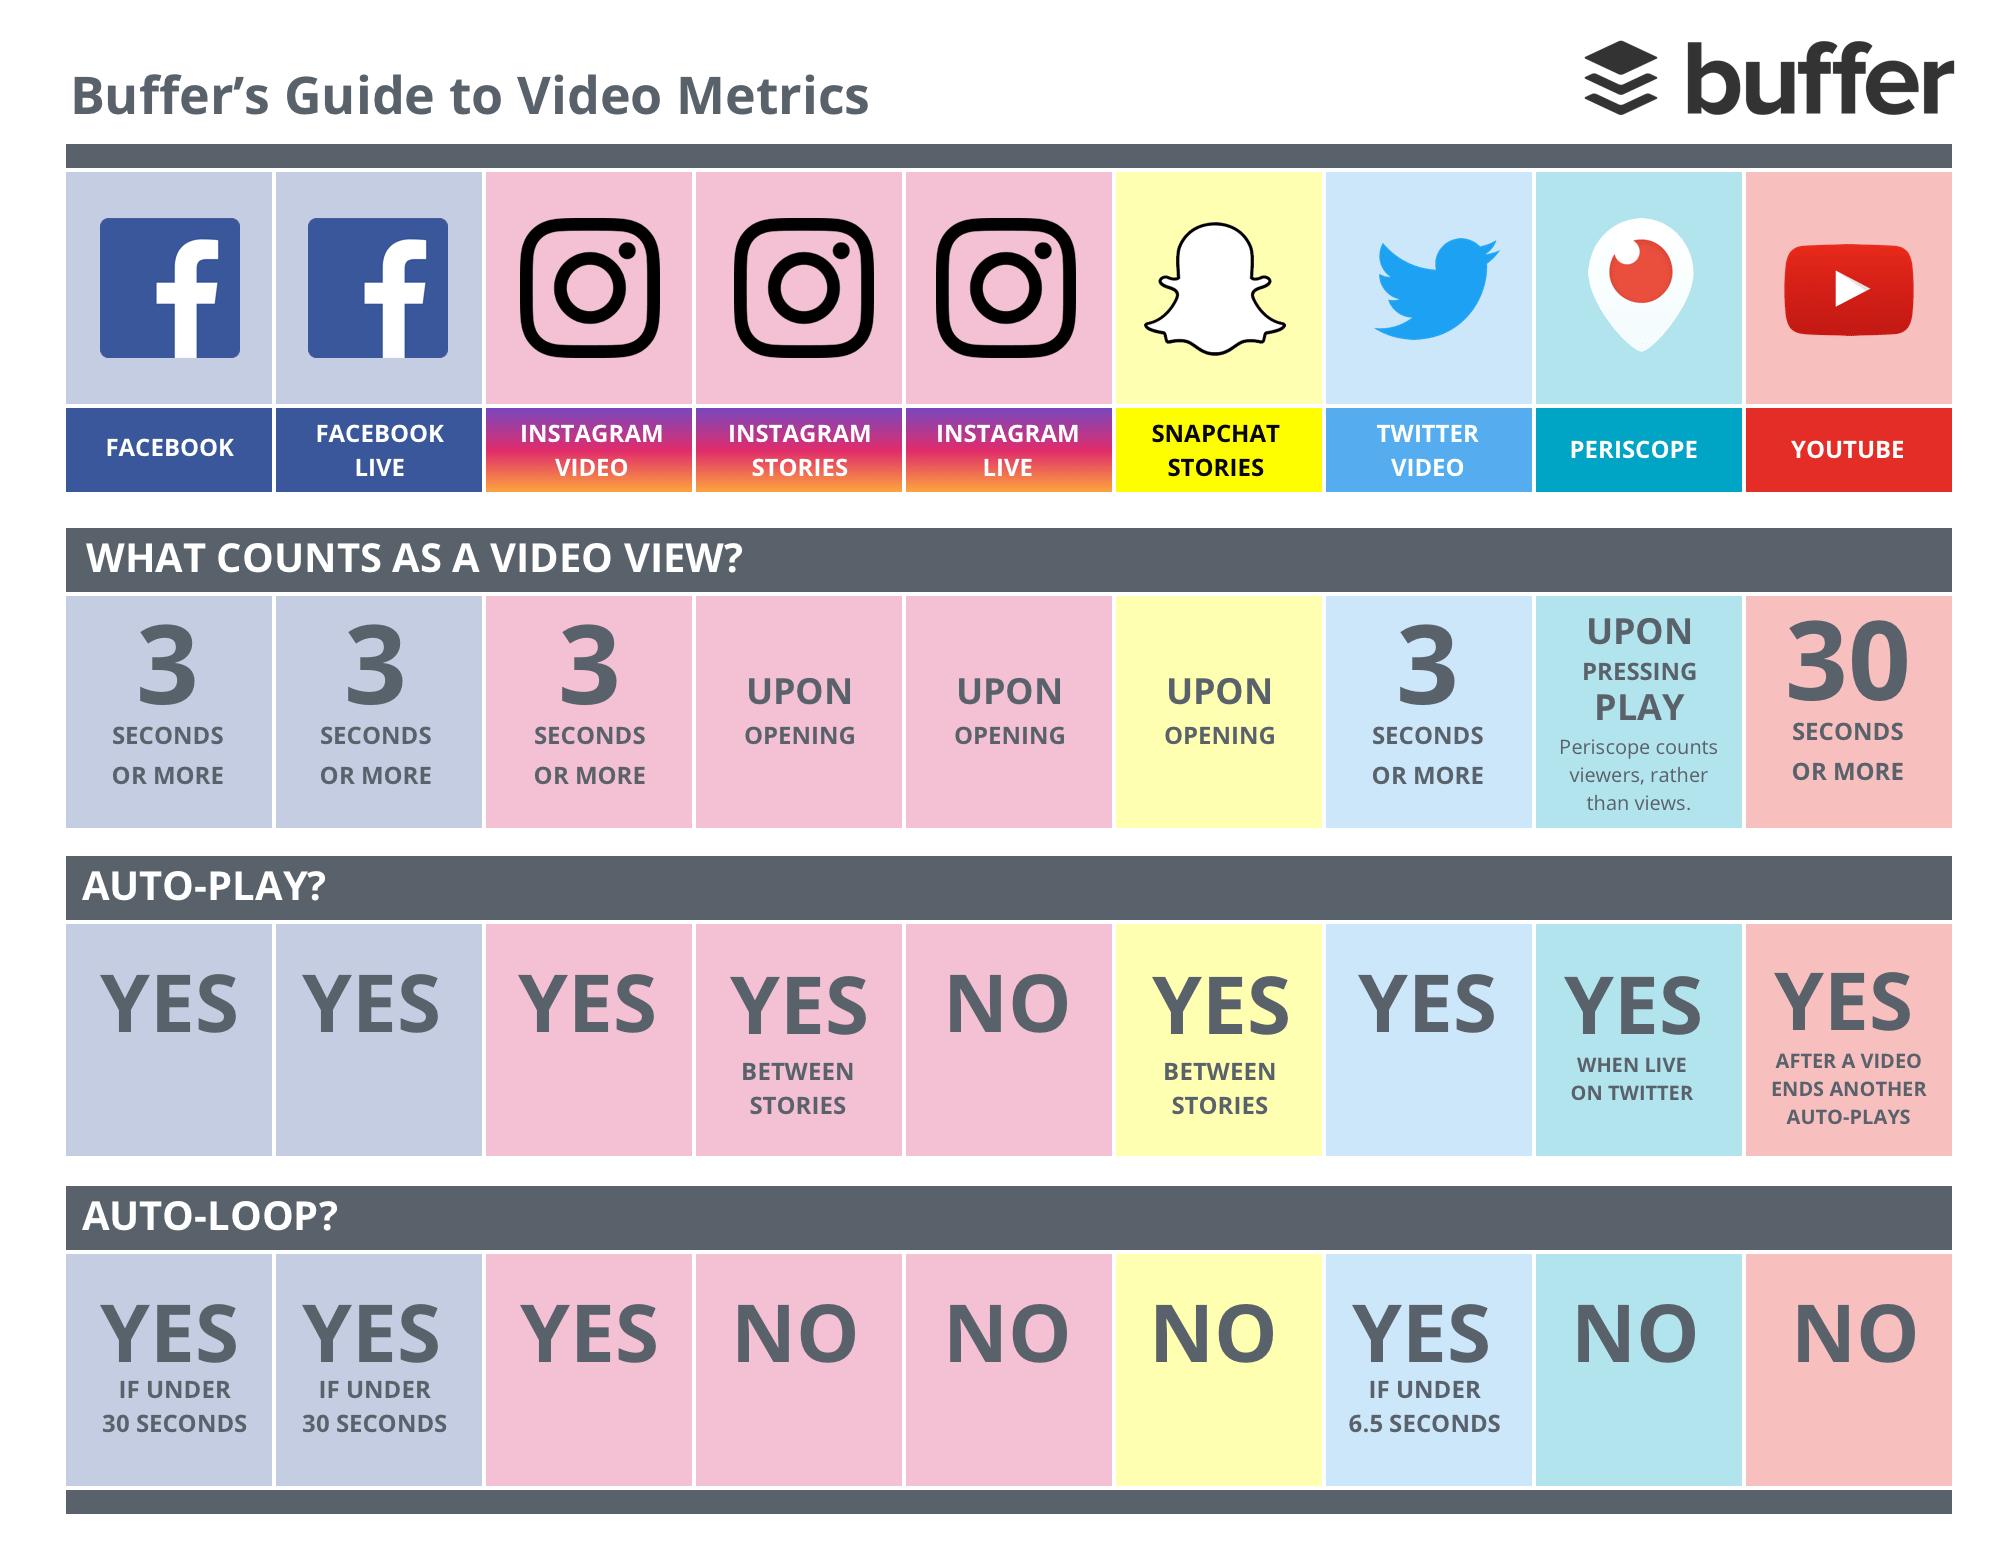 Video metrics infographic